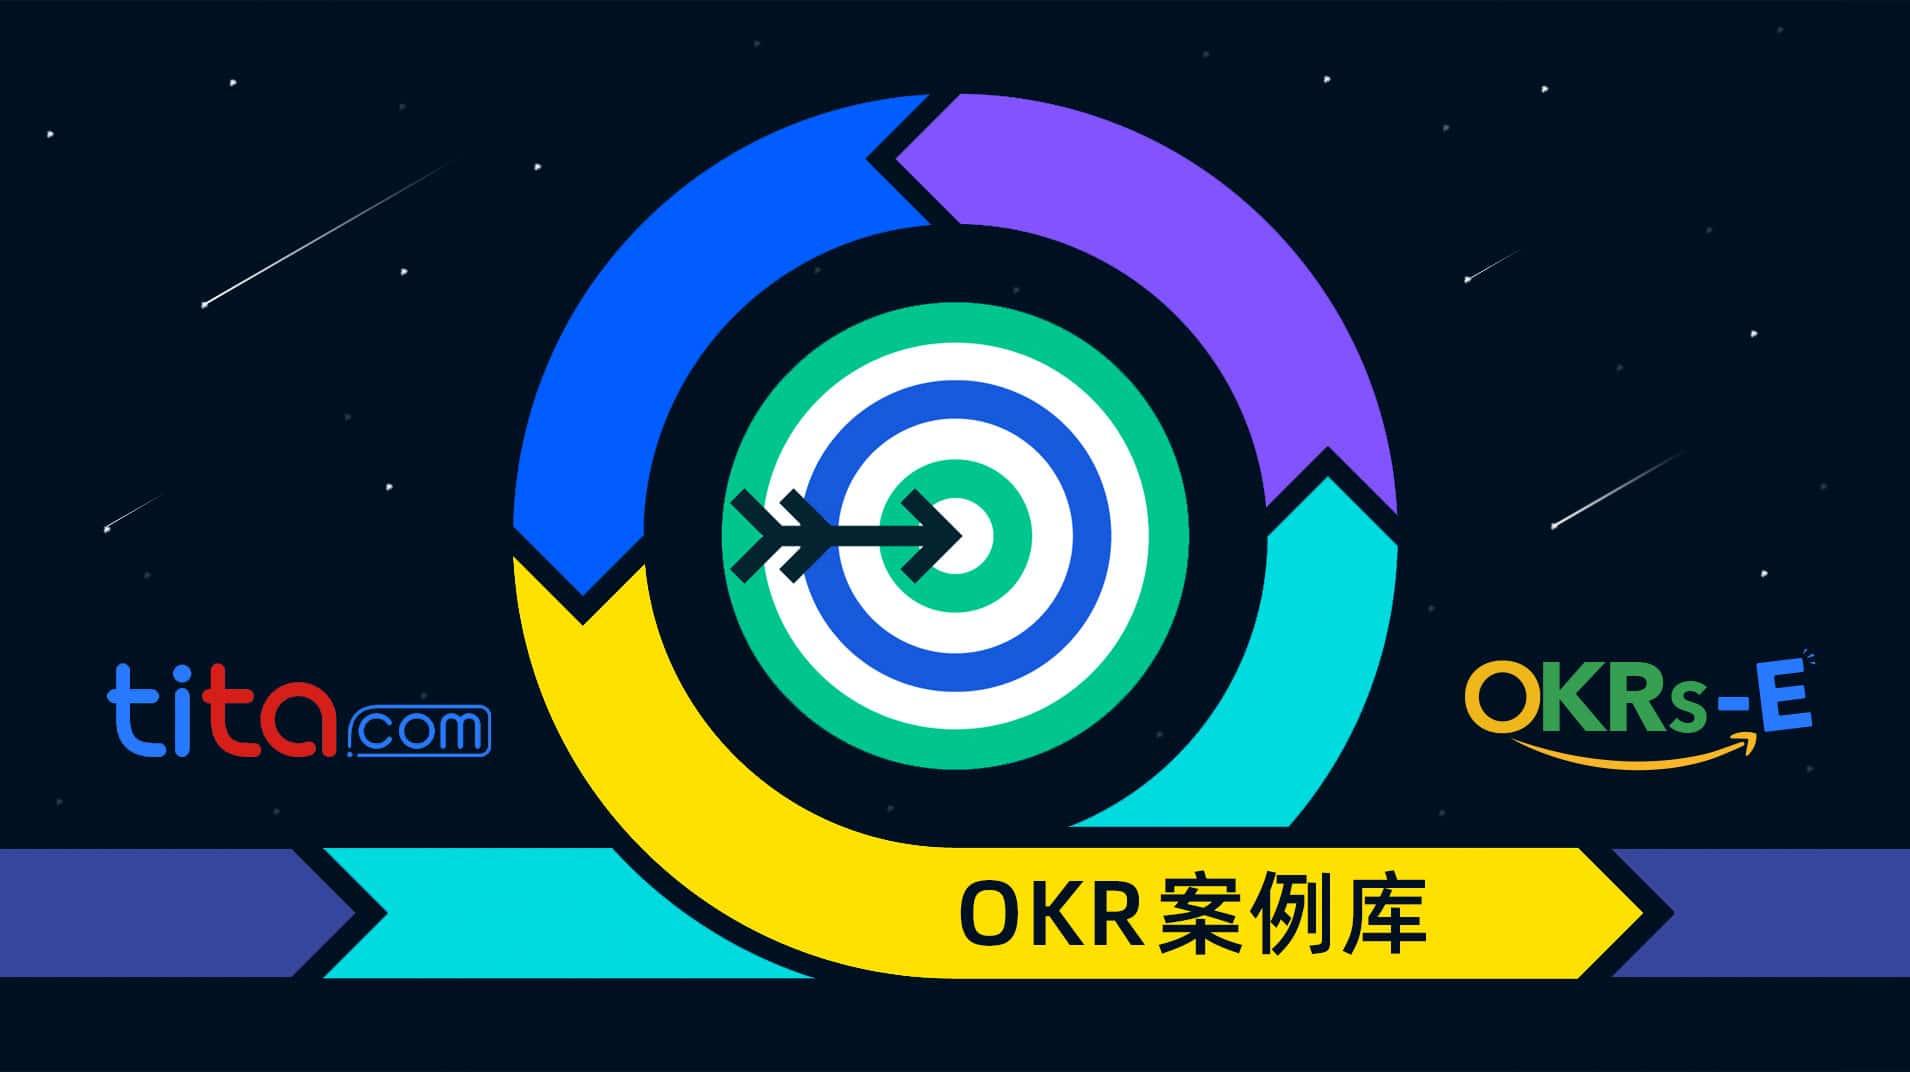 初高级设计师是怎么设定OKR的